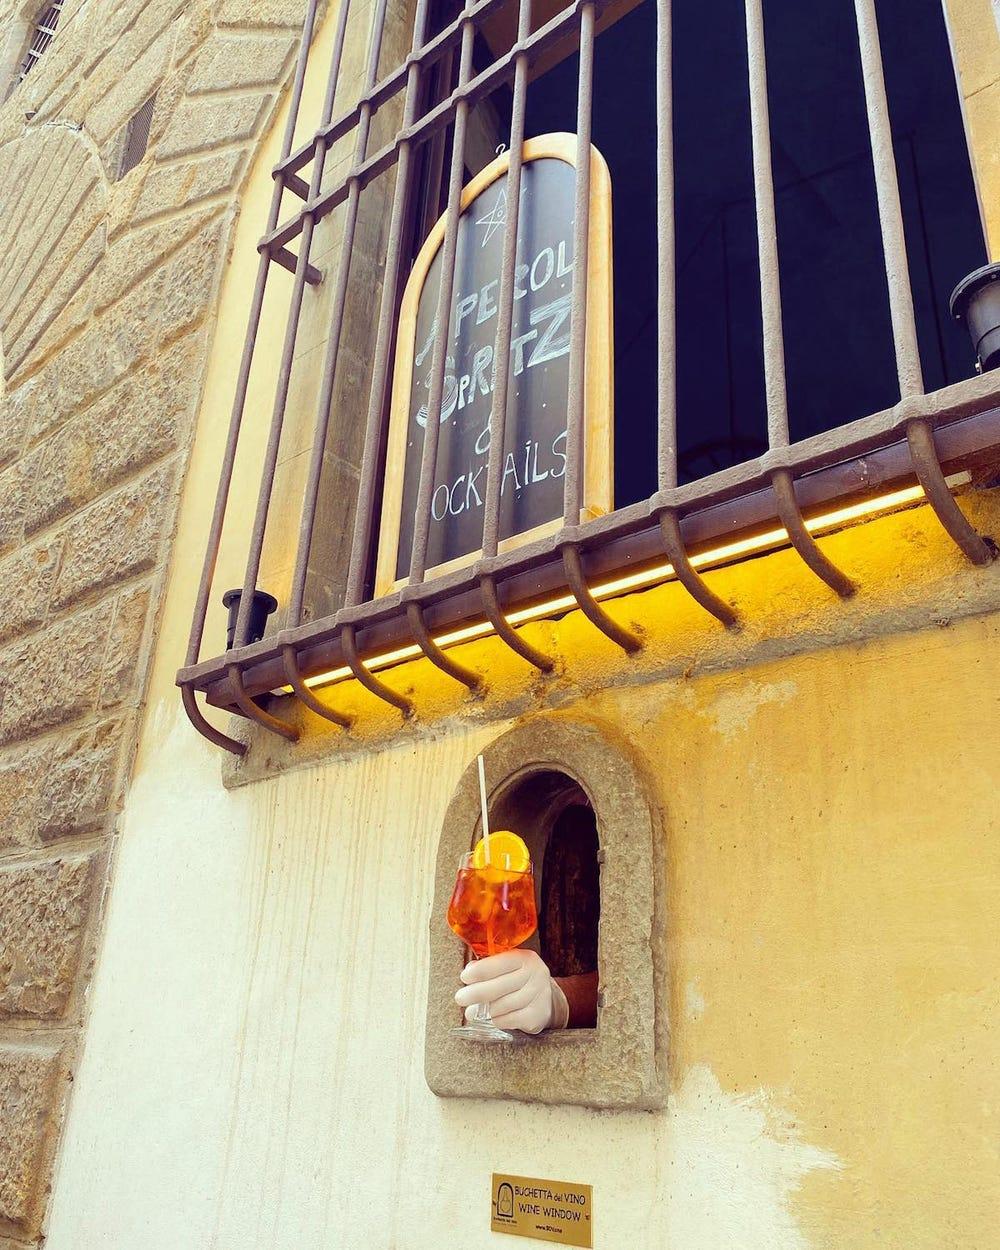 Gần đó, du khách và người dân địa phương có thể thưởng thức những ly cocktail thơm ngon và đầy màu sắc từ hàng Osteria delle Brache ở khu Peruzzi.